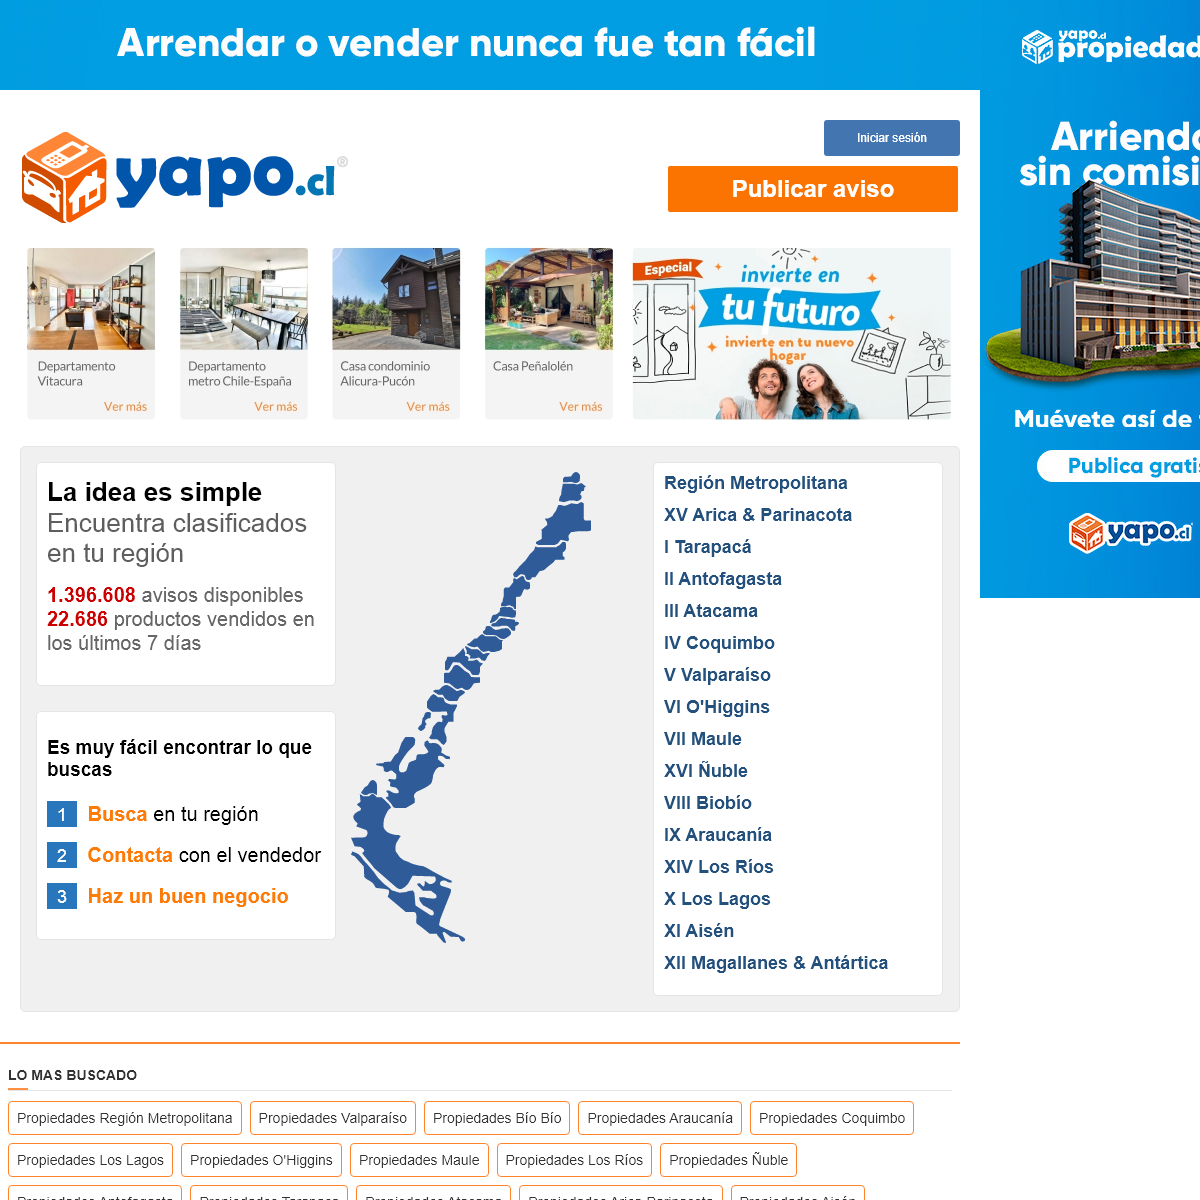 Yapo.cl - Publica avisos y encuentra lo que buscas cerca tuyo